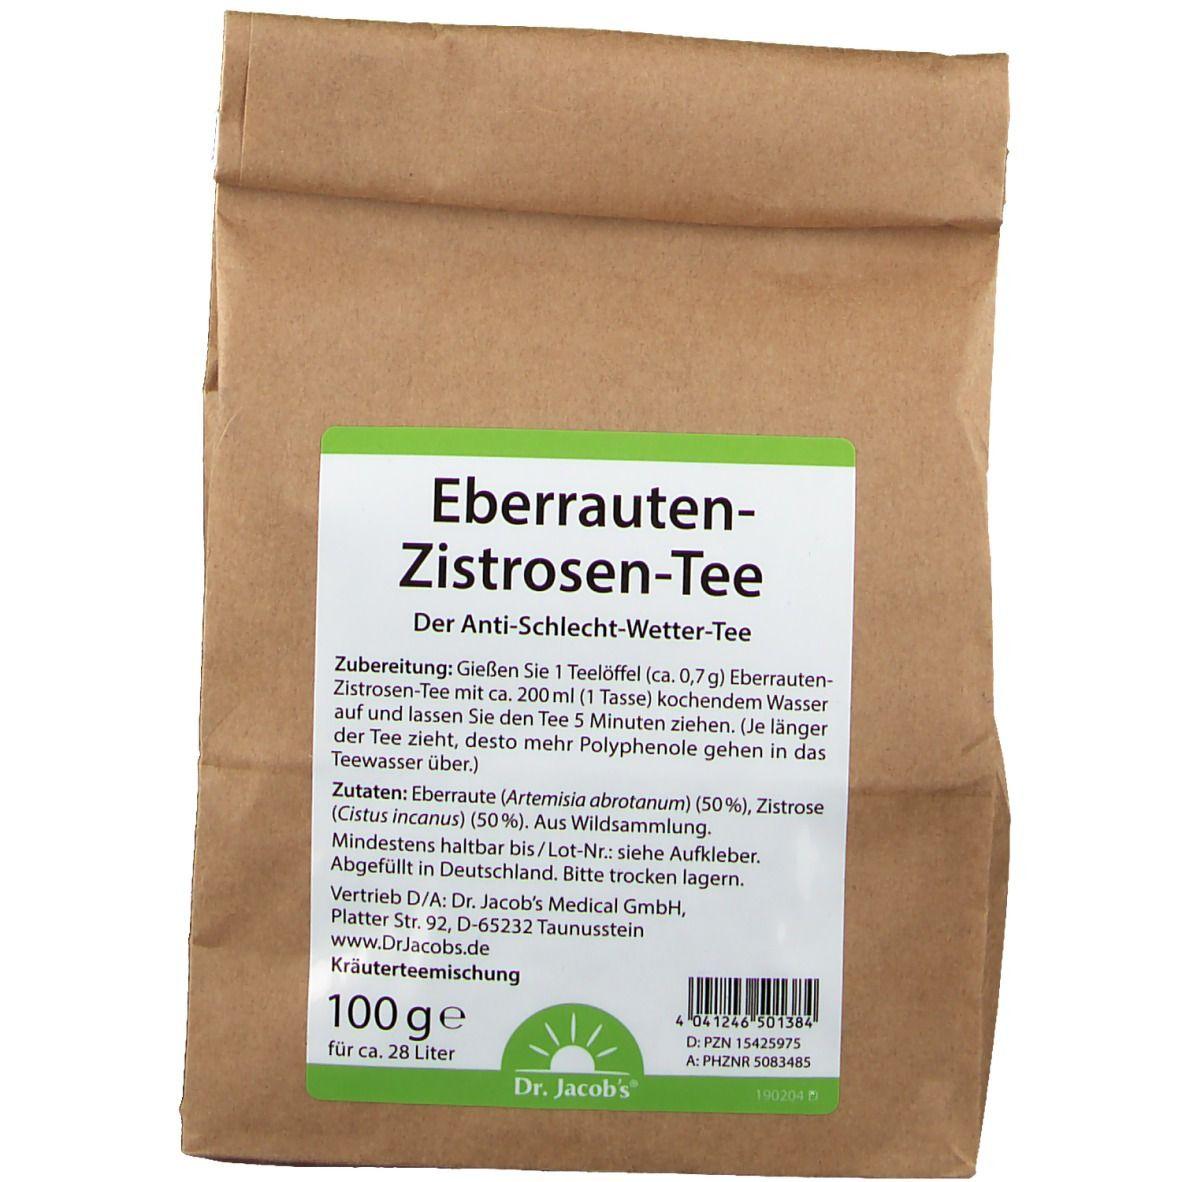 Dr. Jacobs Eberrauten-Zistosen-Tee